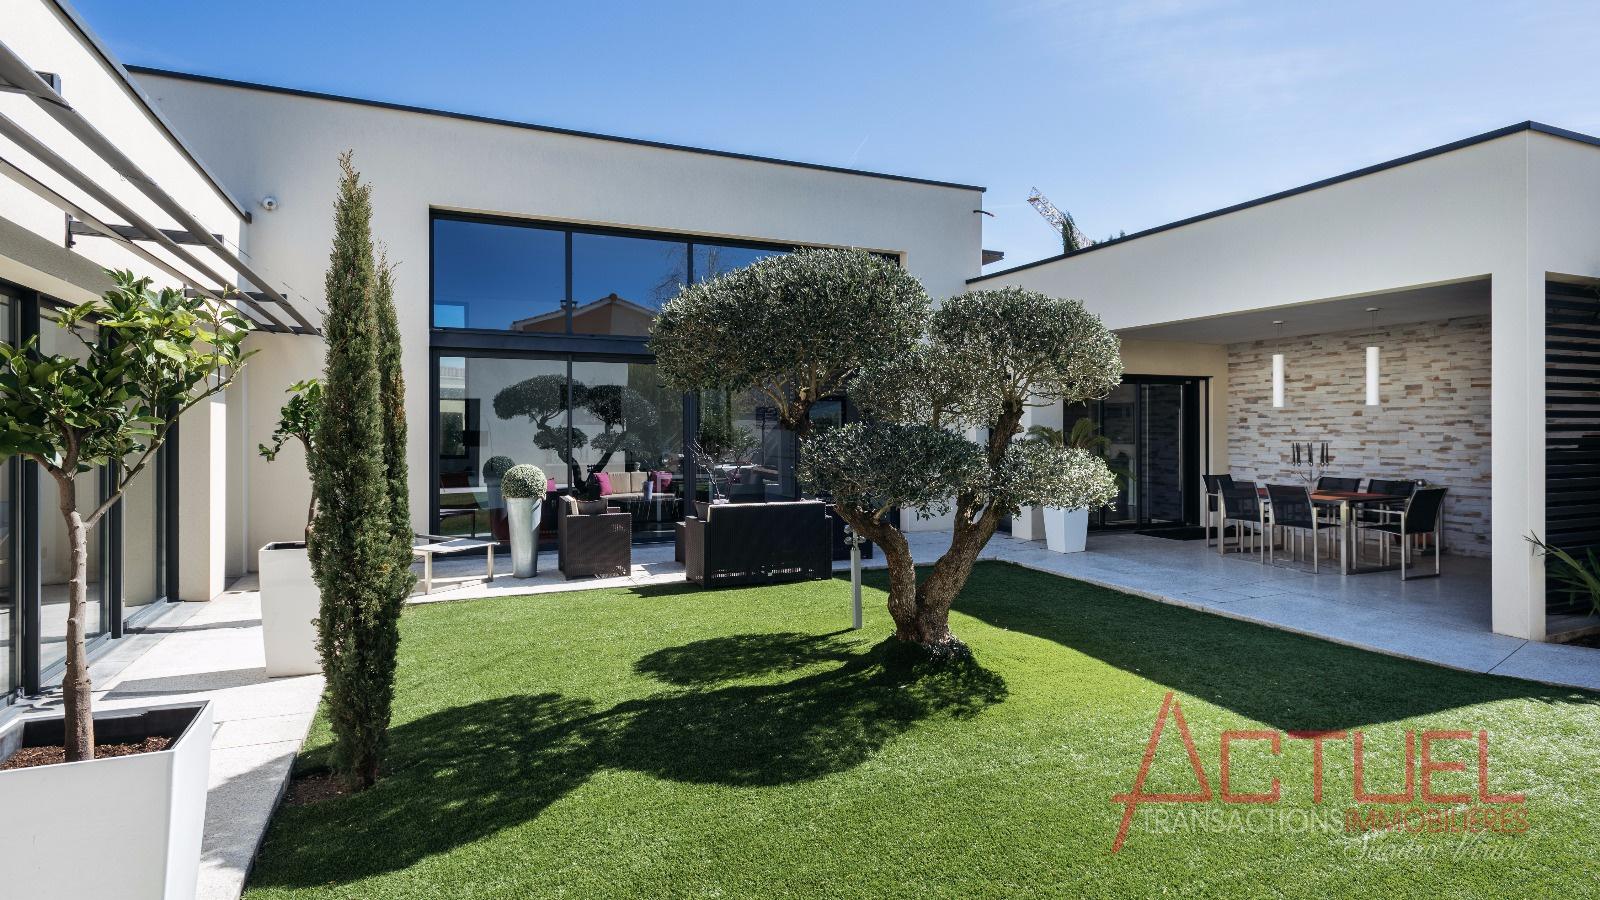 Vente rare maison exceptionnelle d 39 architecte for Outils architecte